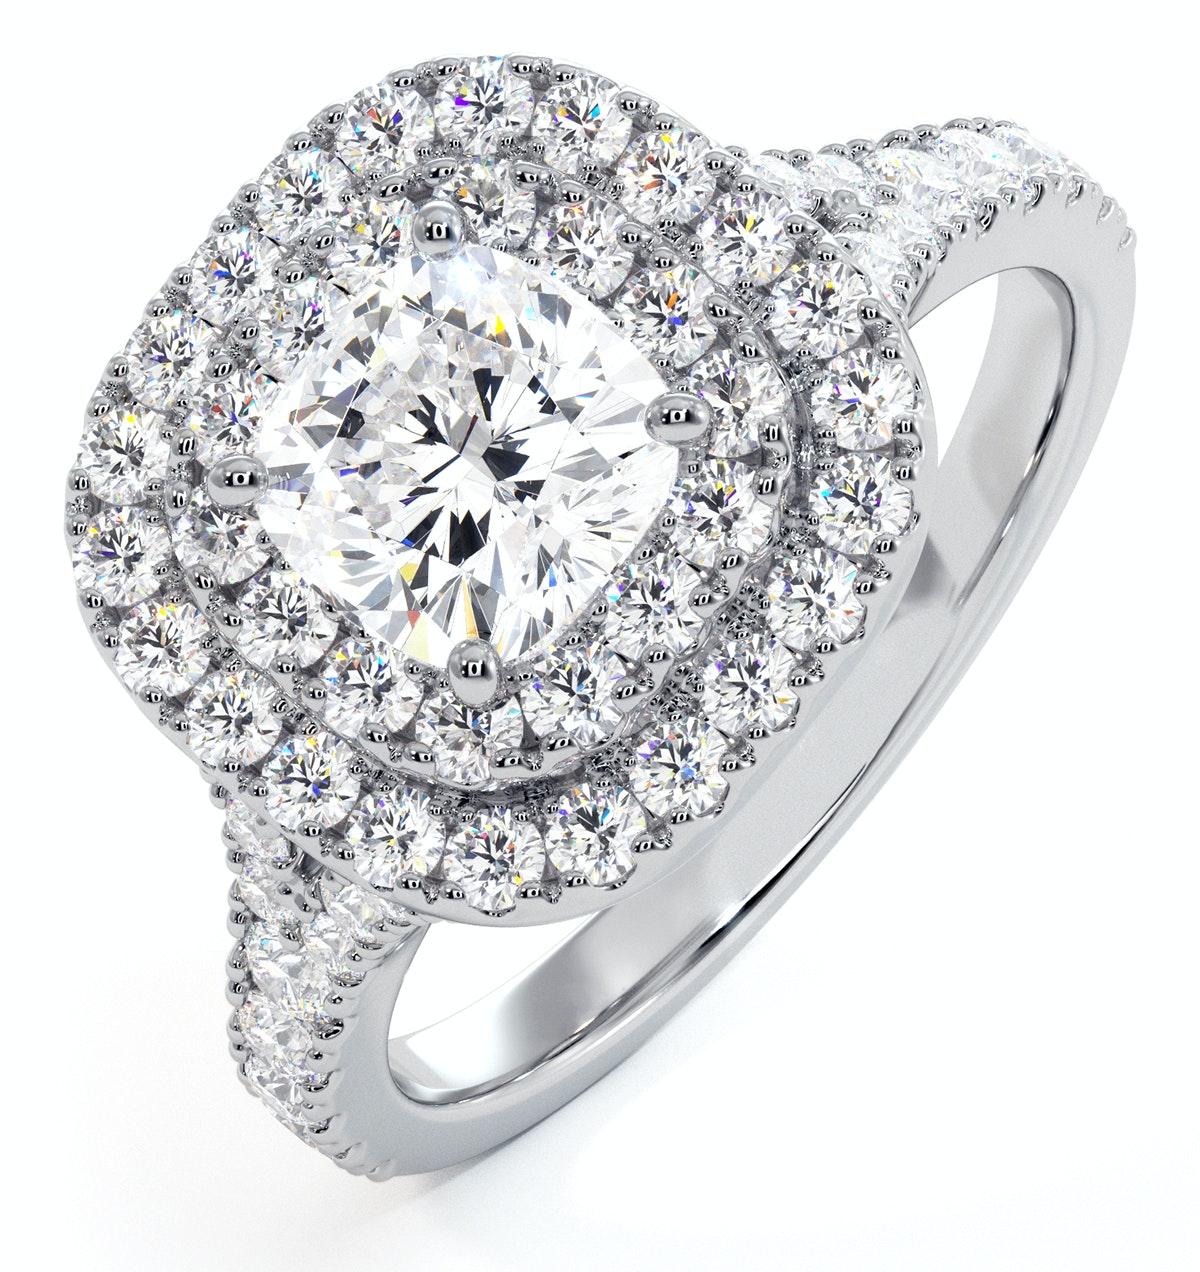 Anastasia GIA Diamond Halo Engagement Ring 18K White Gold 1.45ct G/VS1